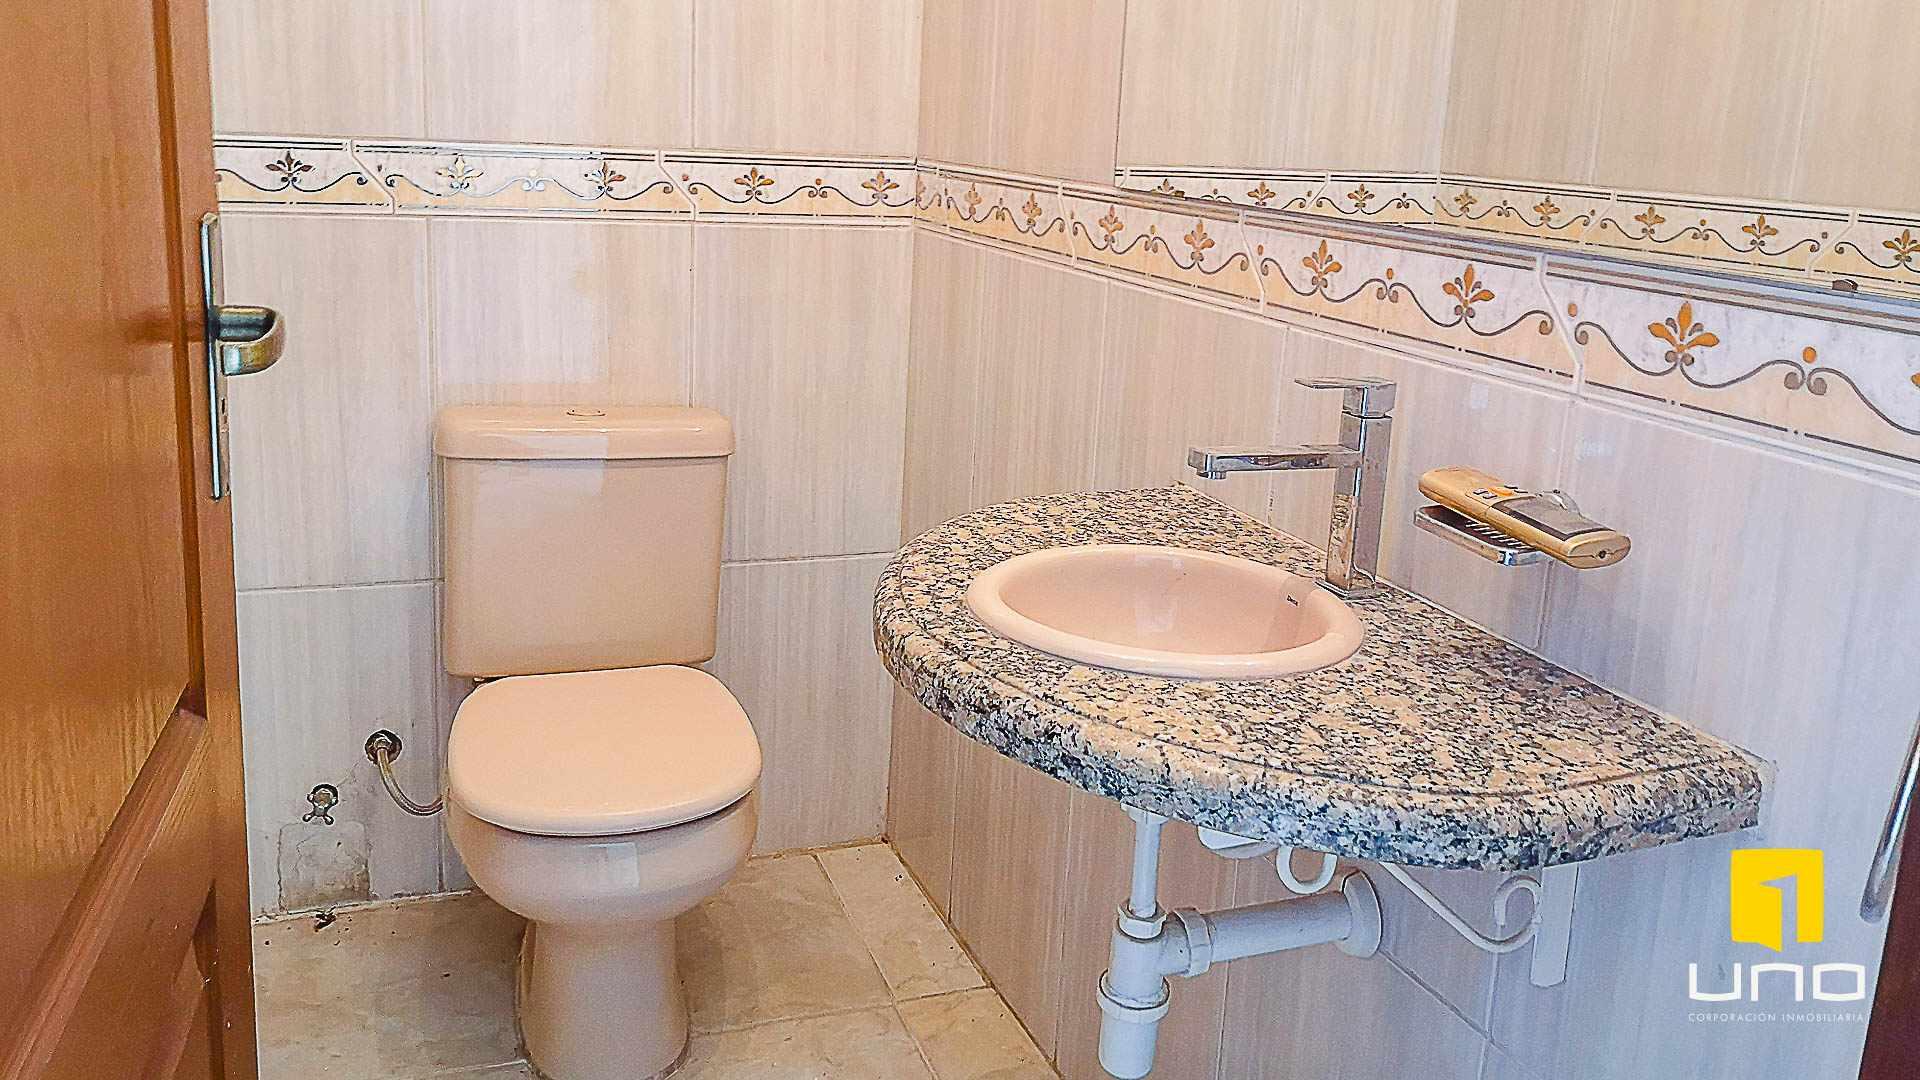 Casa en Venta $us 150.000 VENDO CASA AV ALEMANA DENTRO 3ER ANILLO TIPO DUPLEX Foto 3